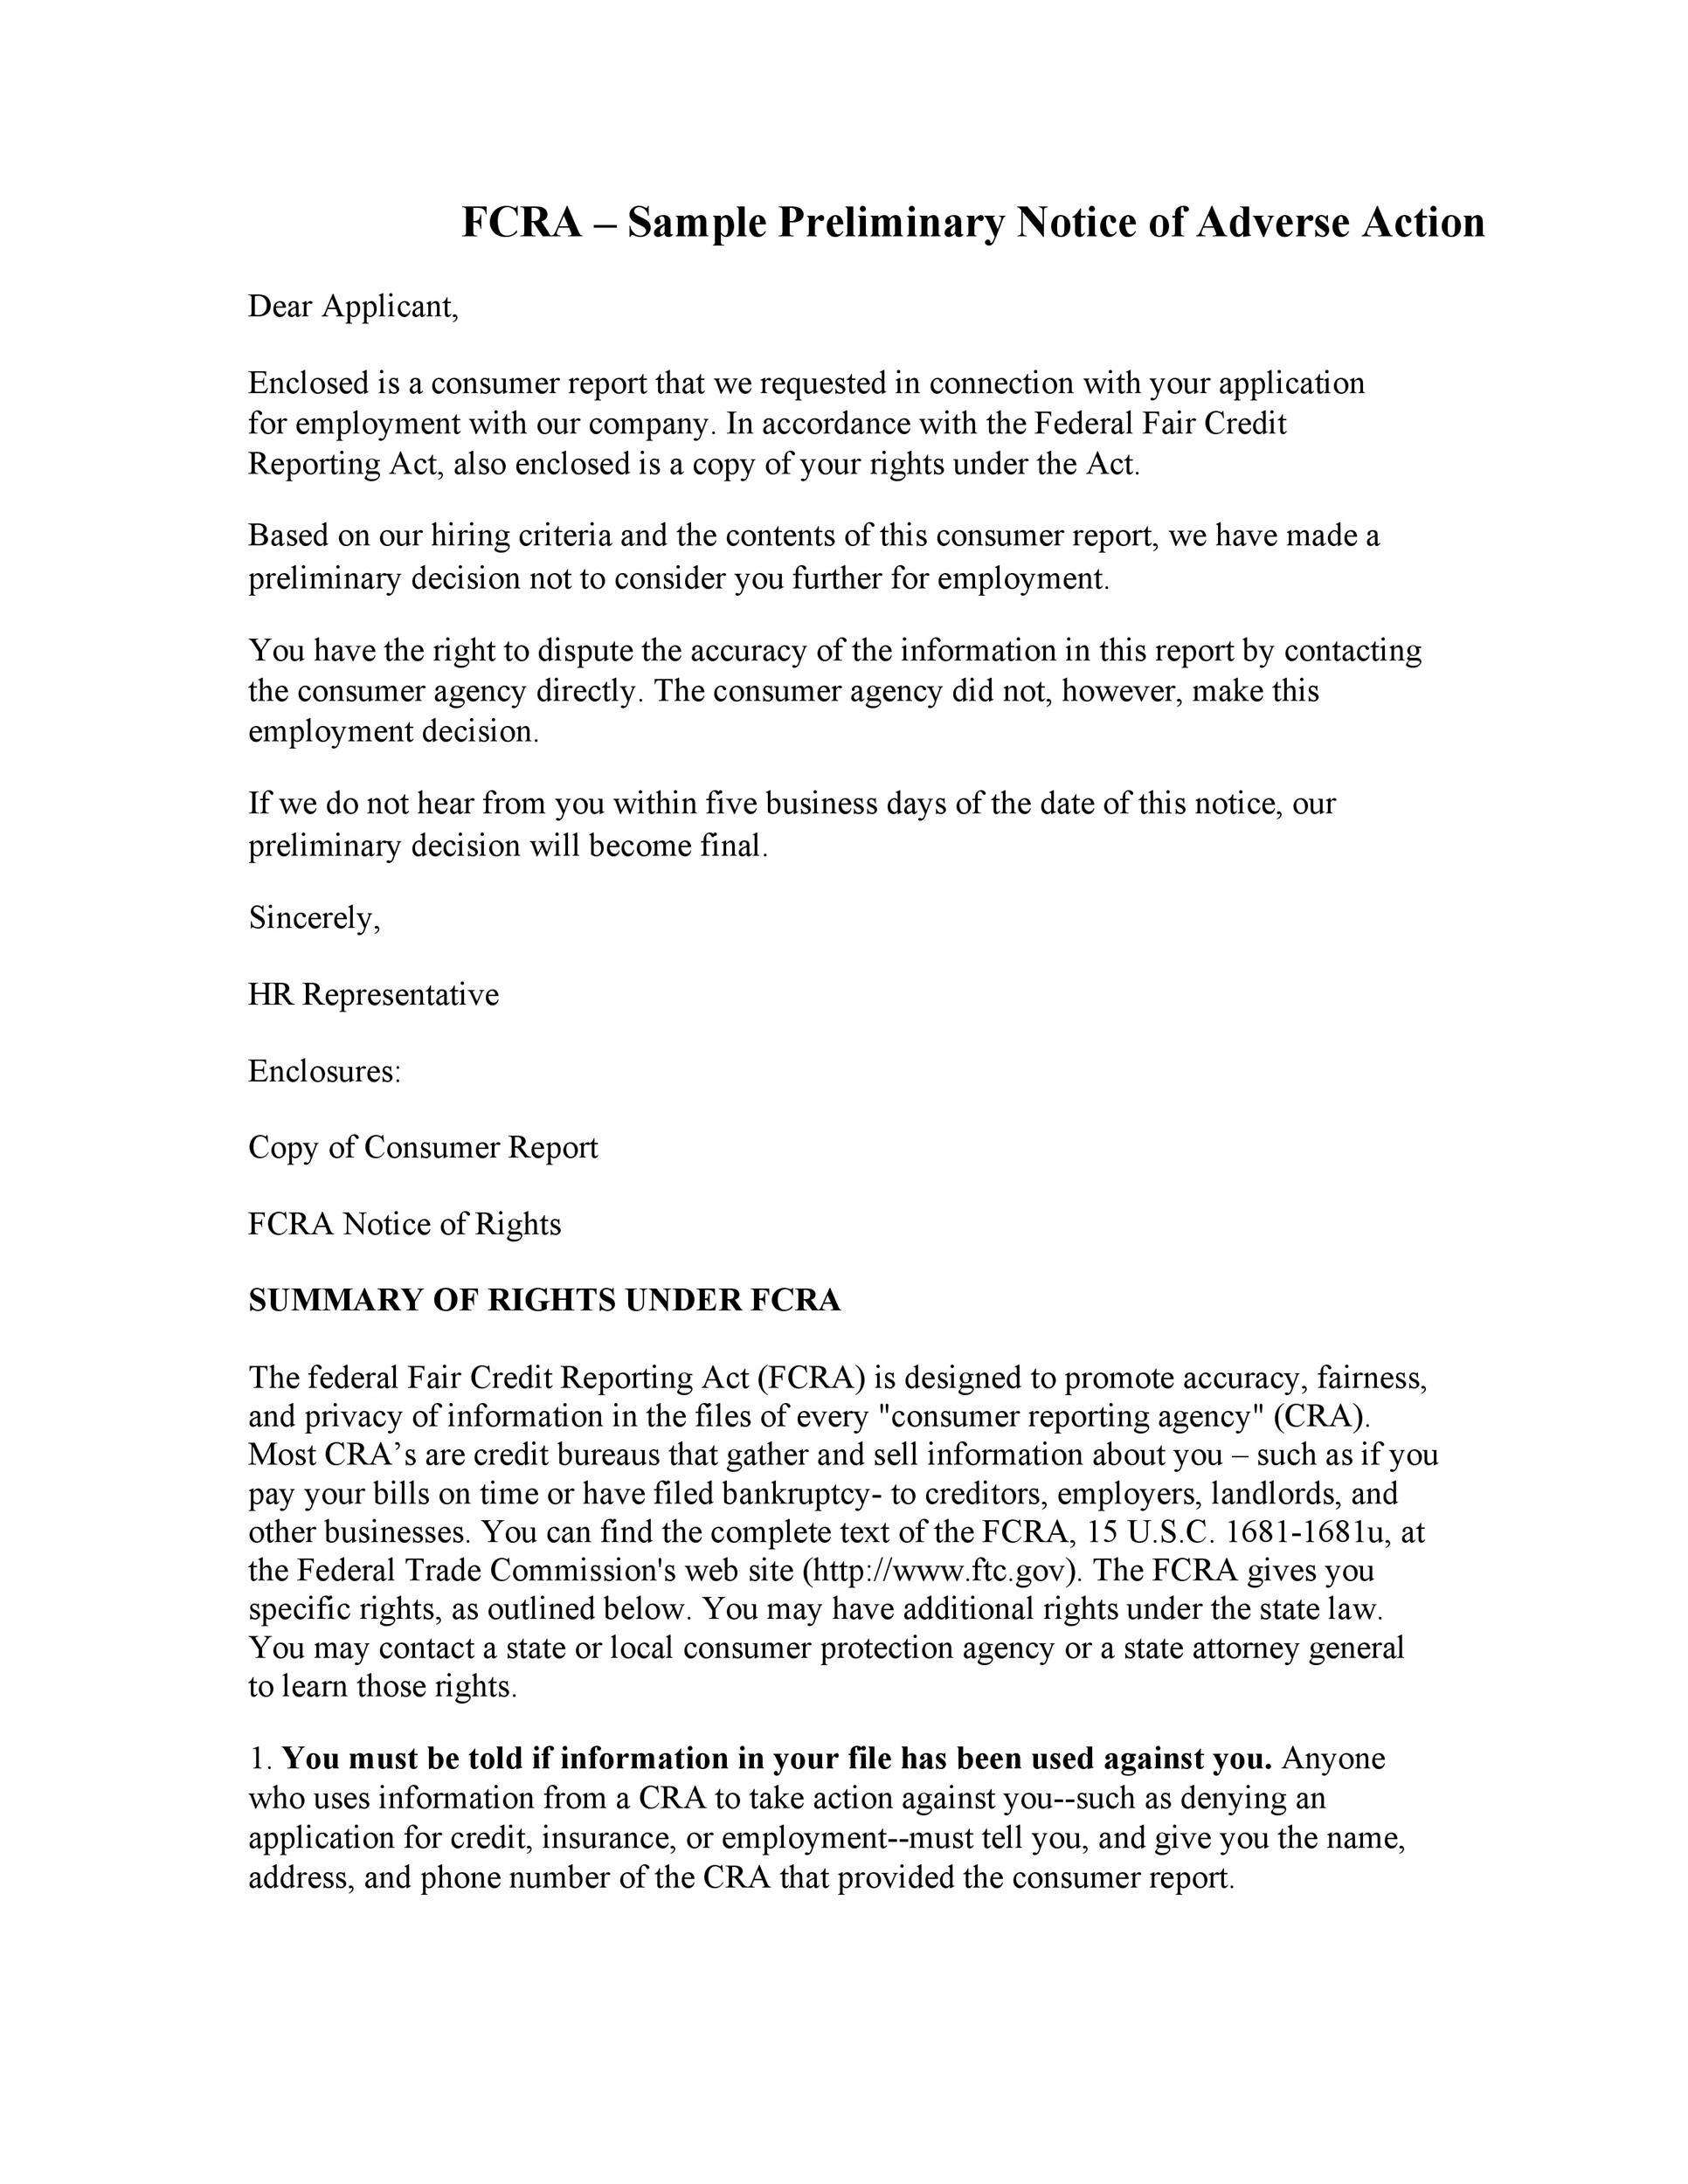 Free adverse action notice 08